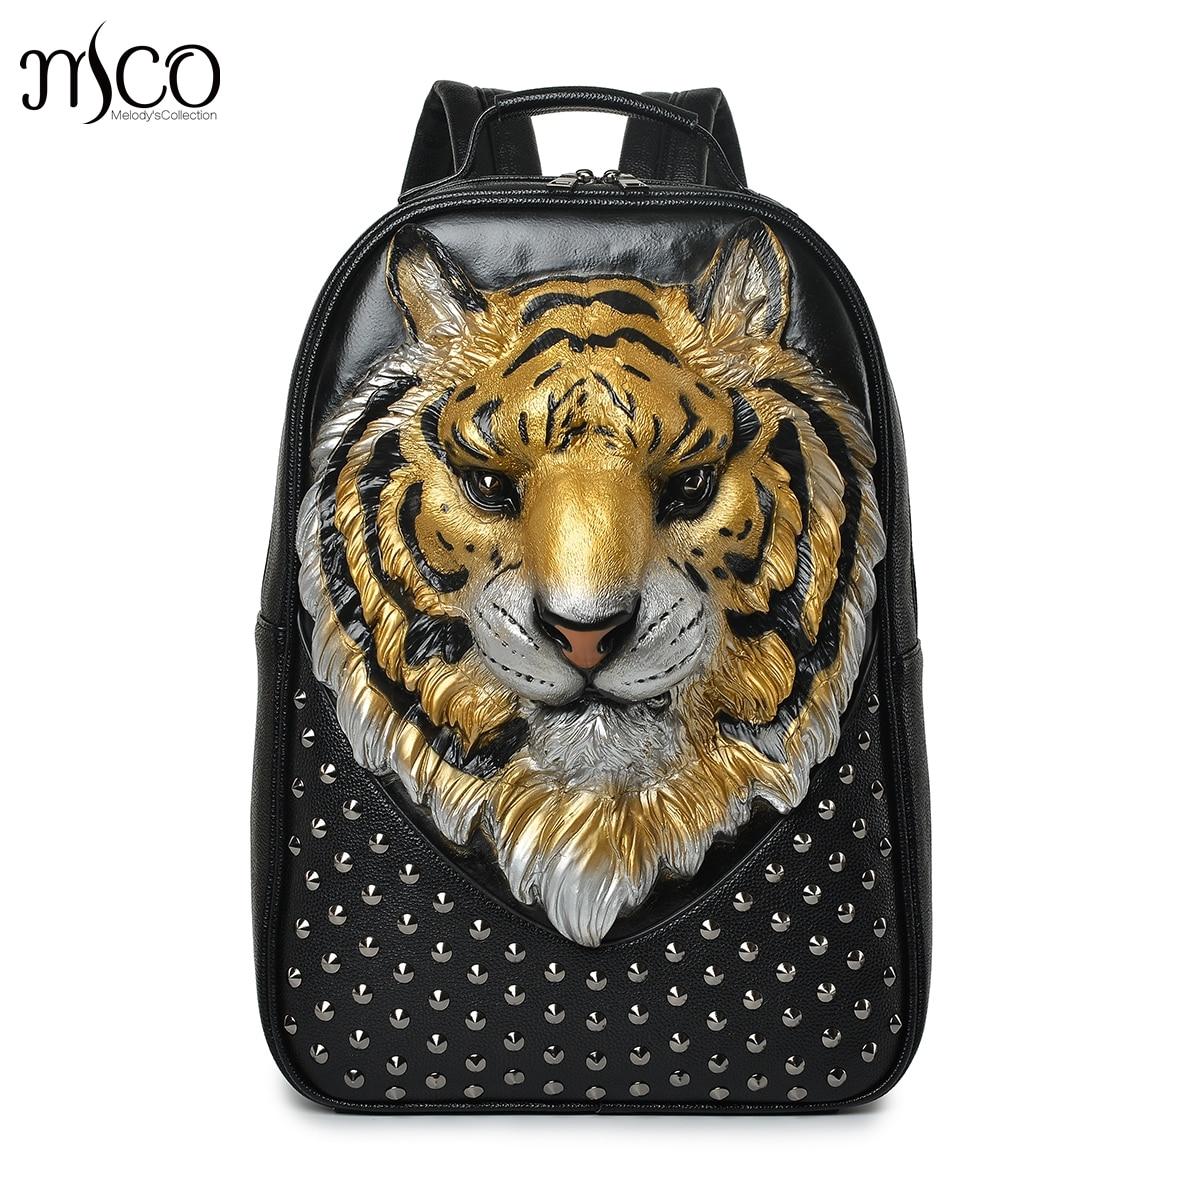 Hommes sac à dos 3D en relief tête de tigre clouté Rivet Gother femmes en cuir souple voyage punk rock sac à dos ordinateur portable école Halloween sac